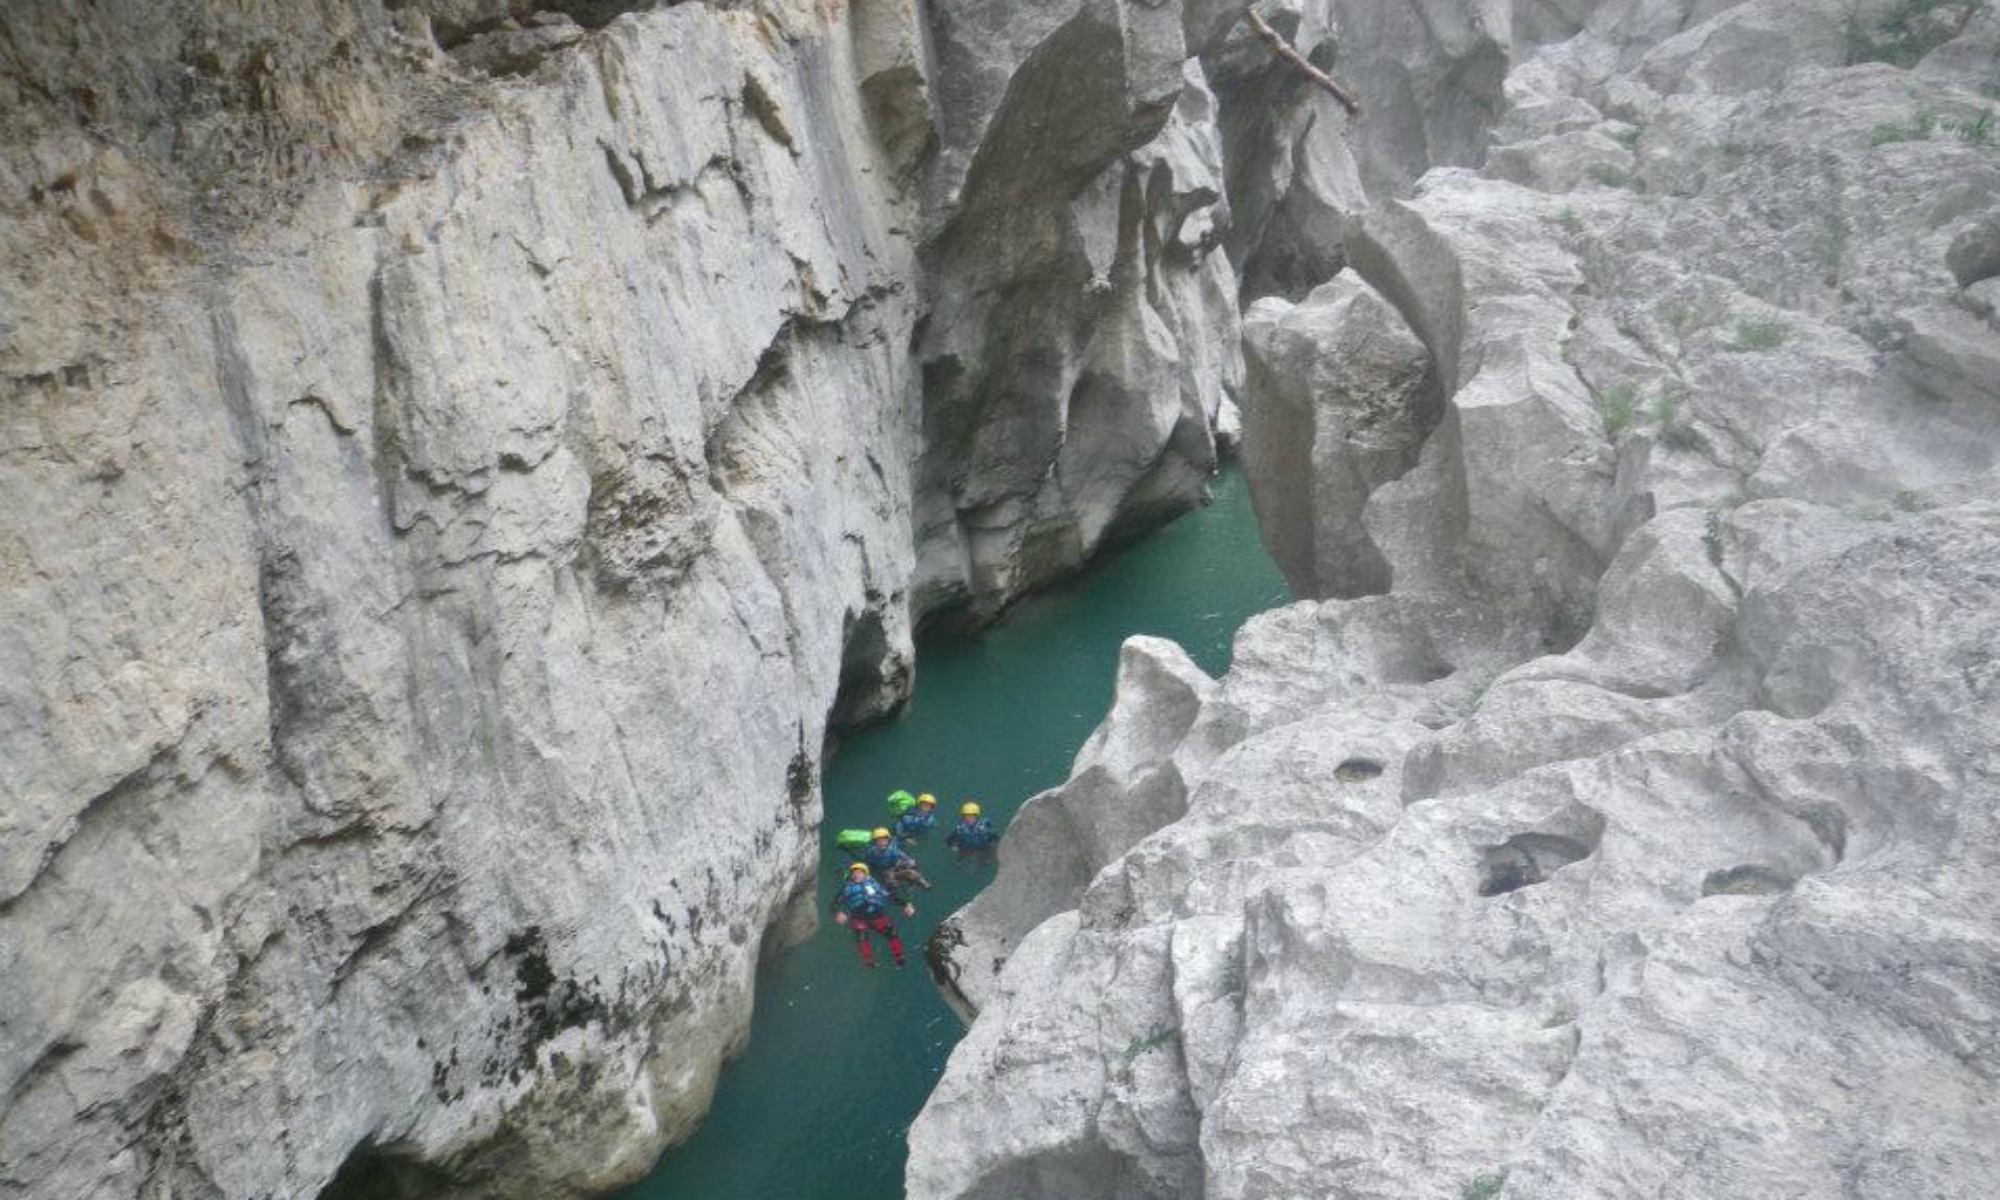 Des canyonistes dans l'eau turquoise du Verdon entre deux hautes falaises blanches.